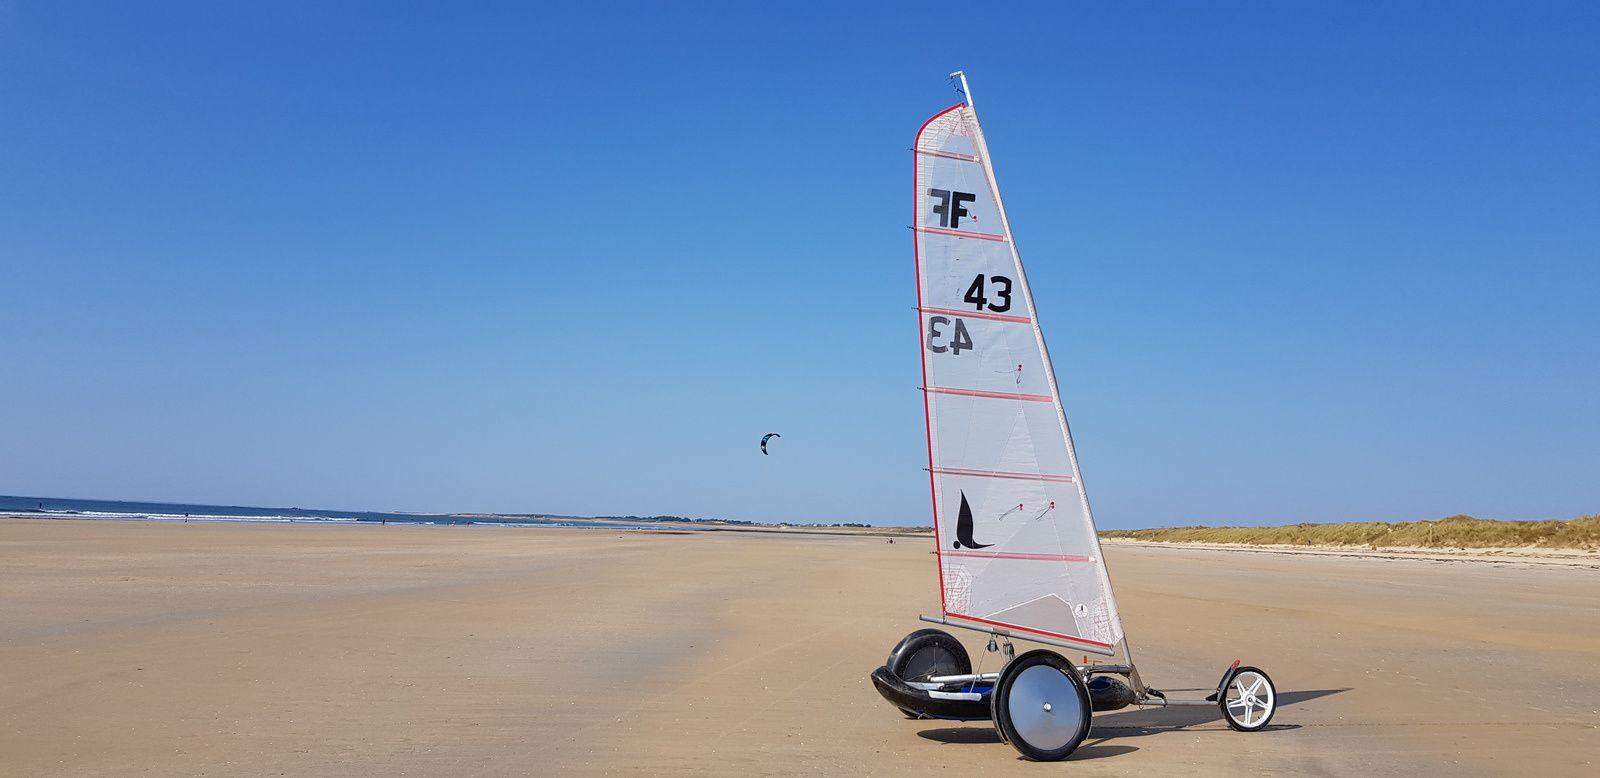 AG des Passagers du vent aujourd'hui et demain ligue 5sport et standard